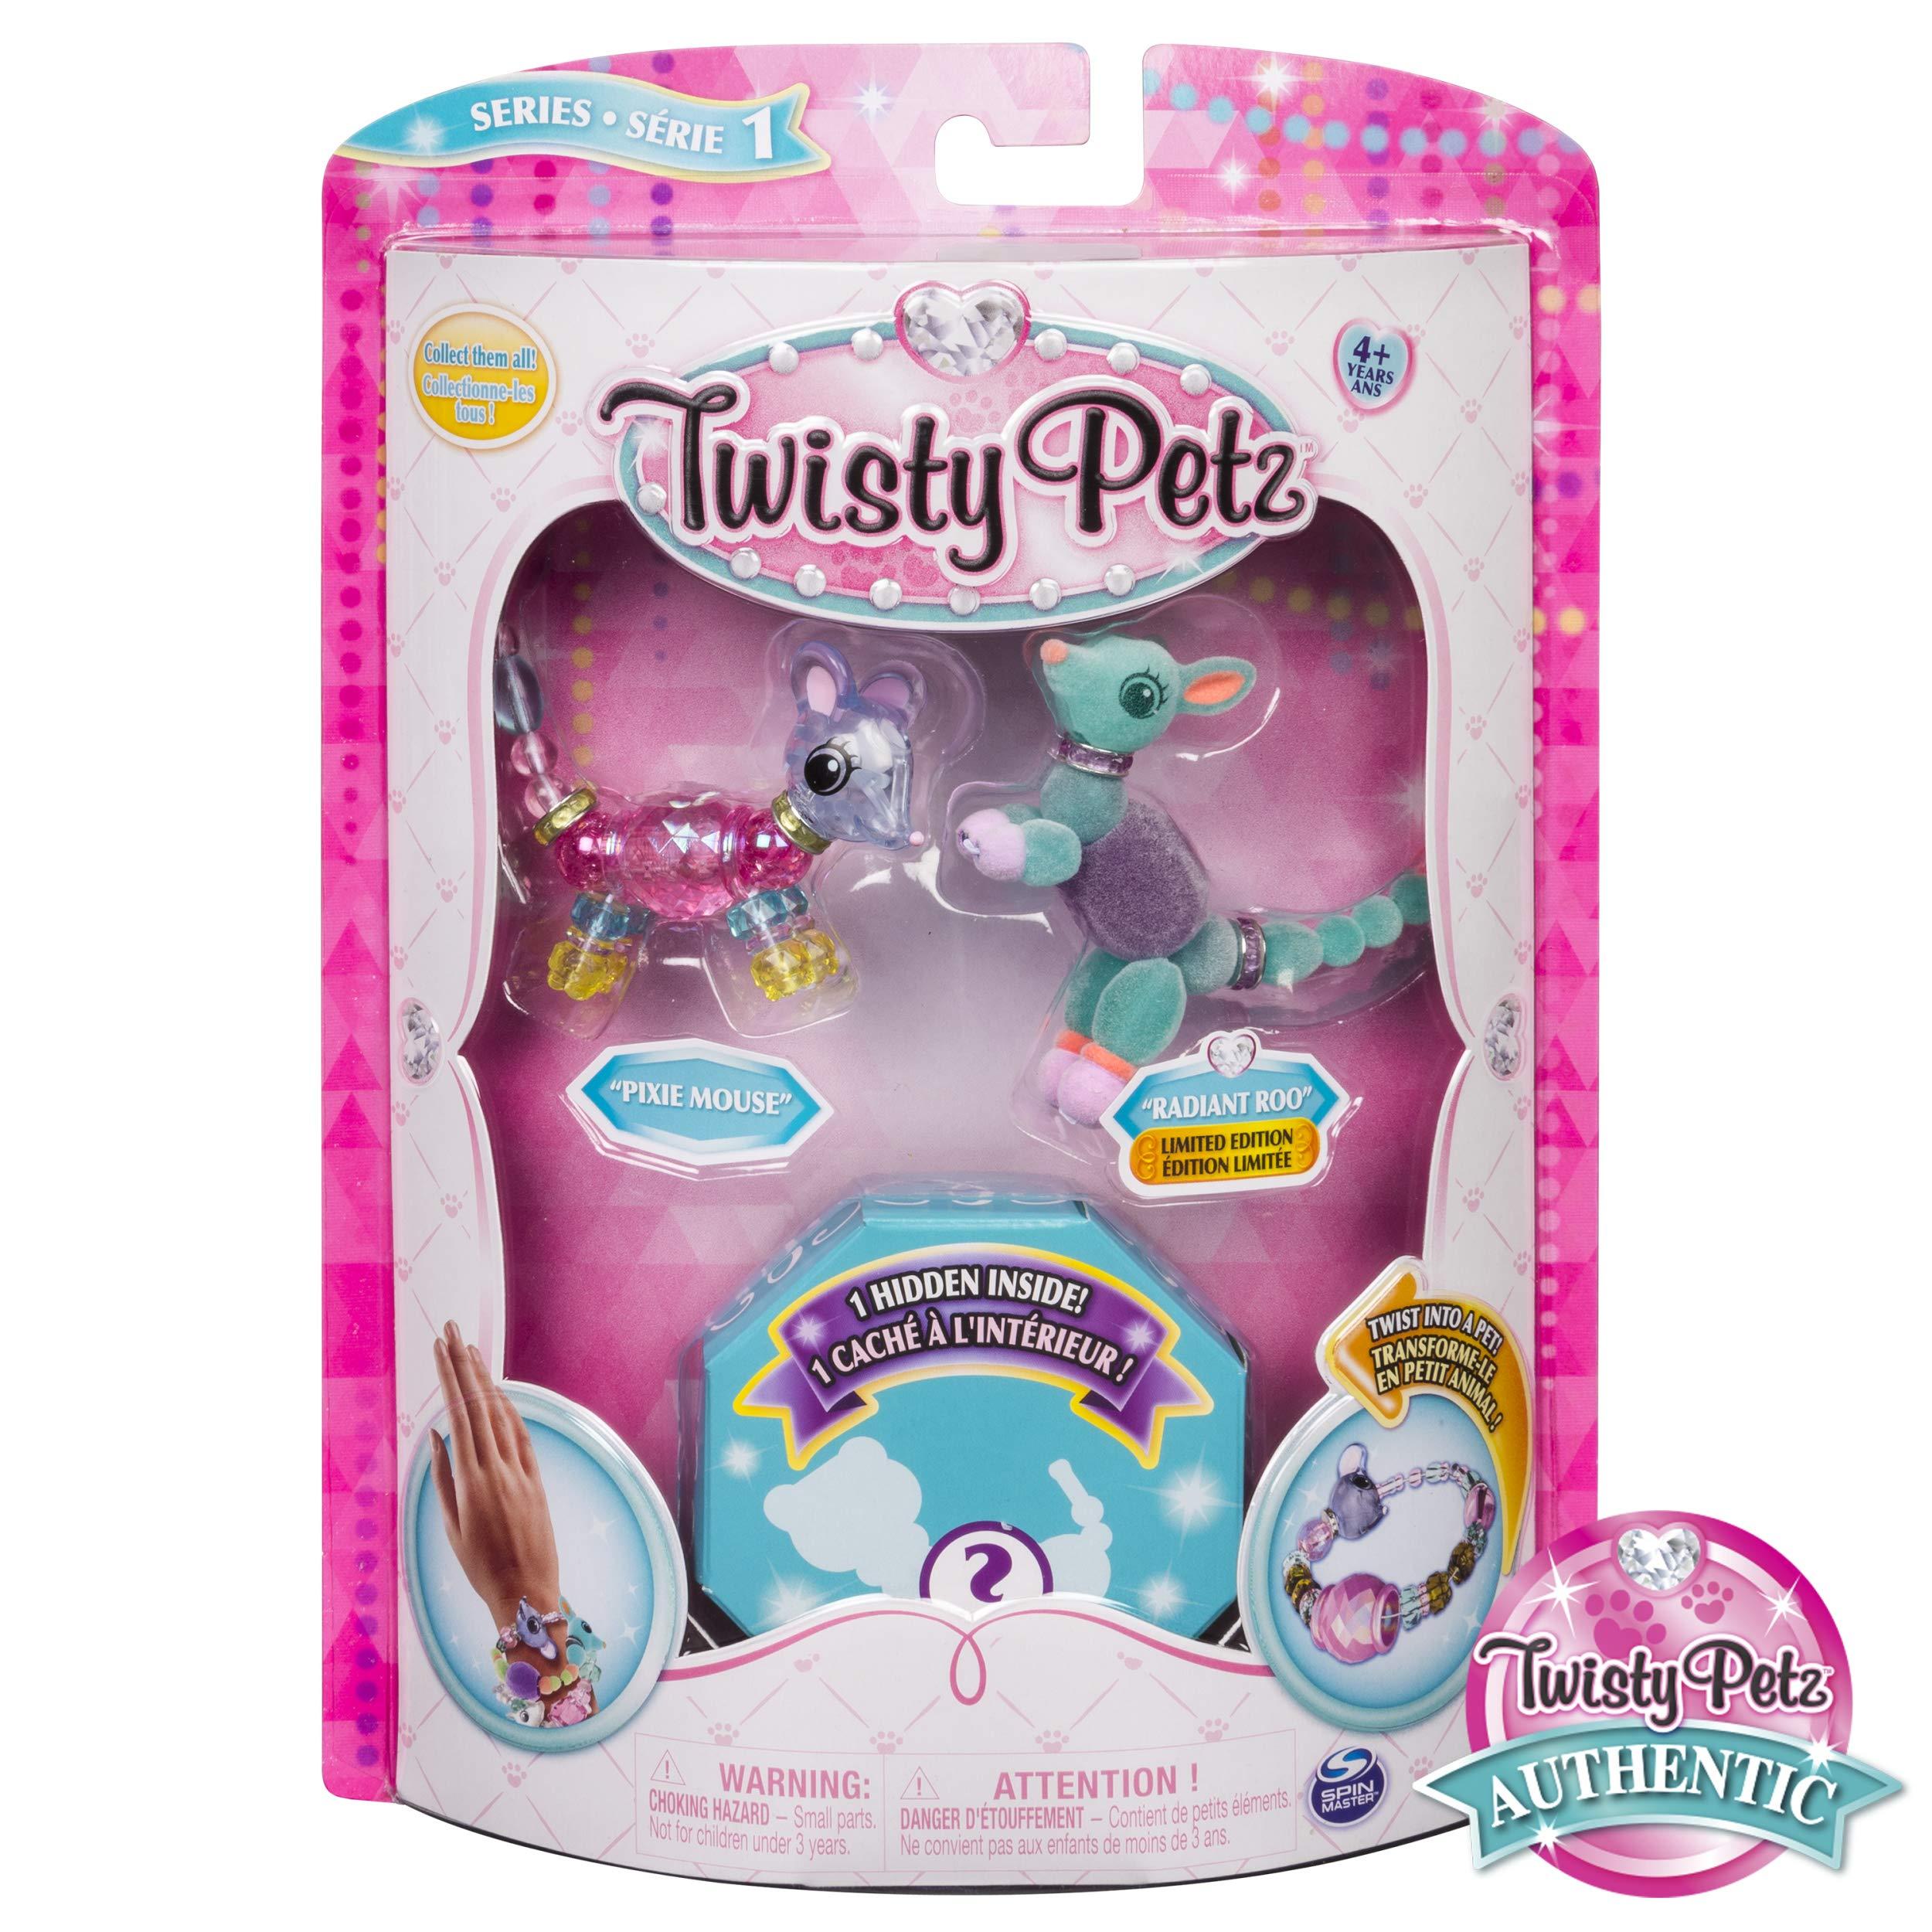 Twisty Petz Collectible Bracelet Set, Mouse, Roo & Surprise Pet 3-Pack